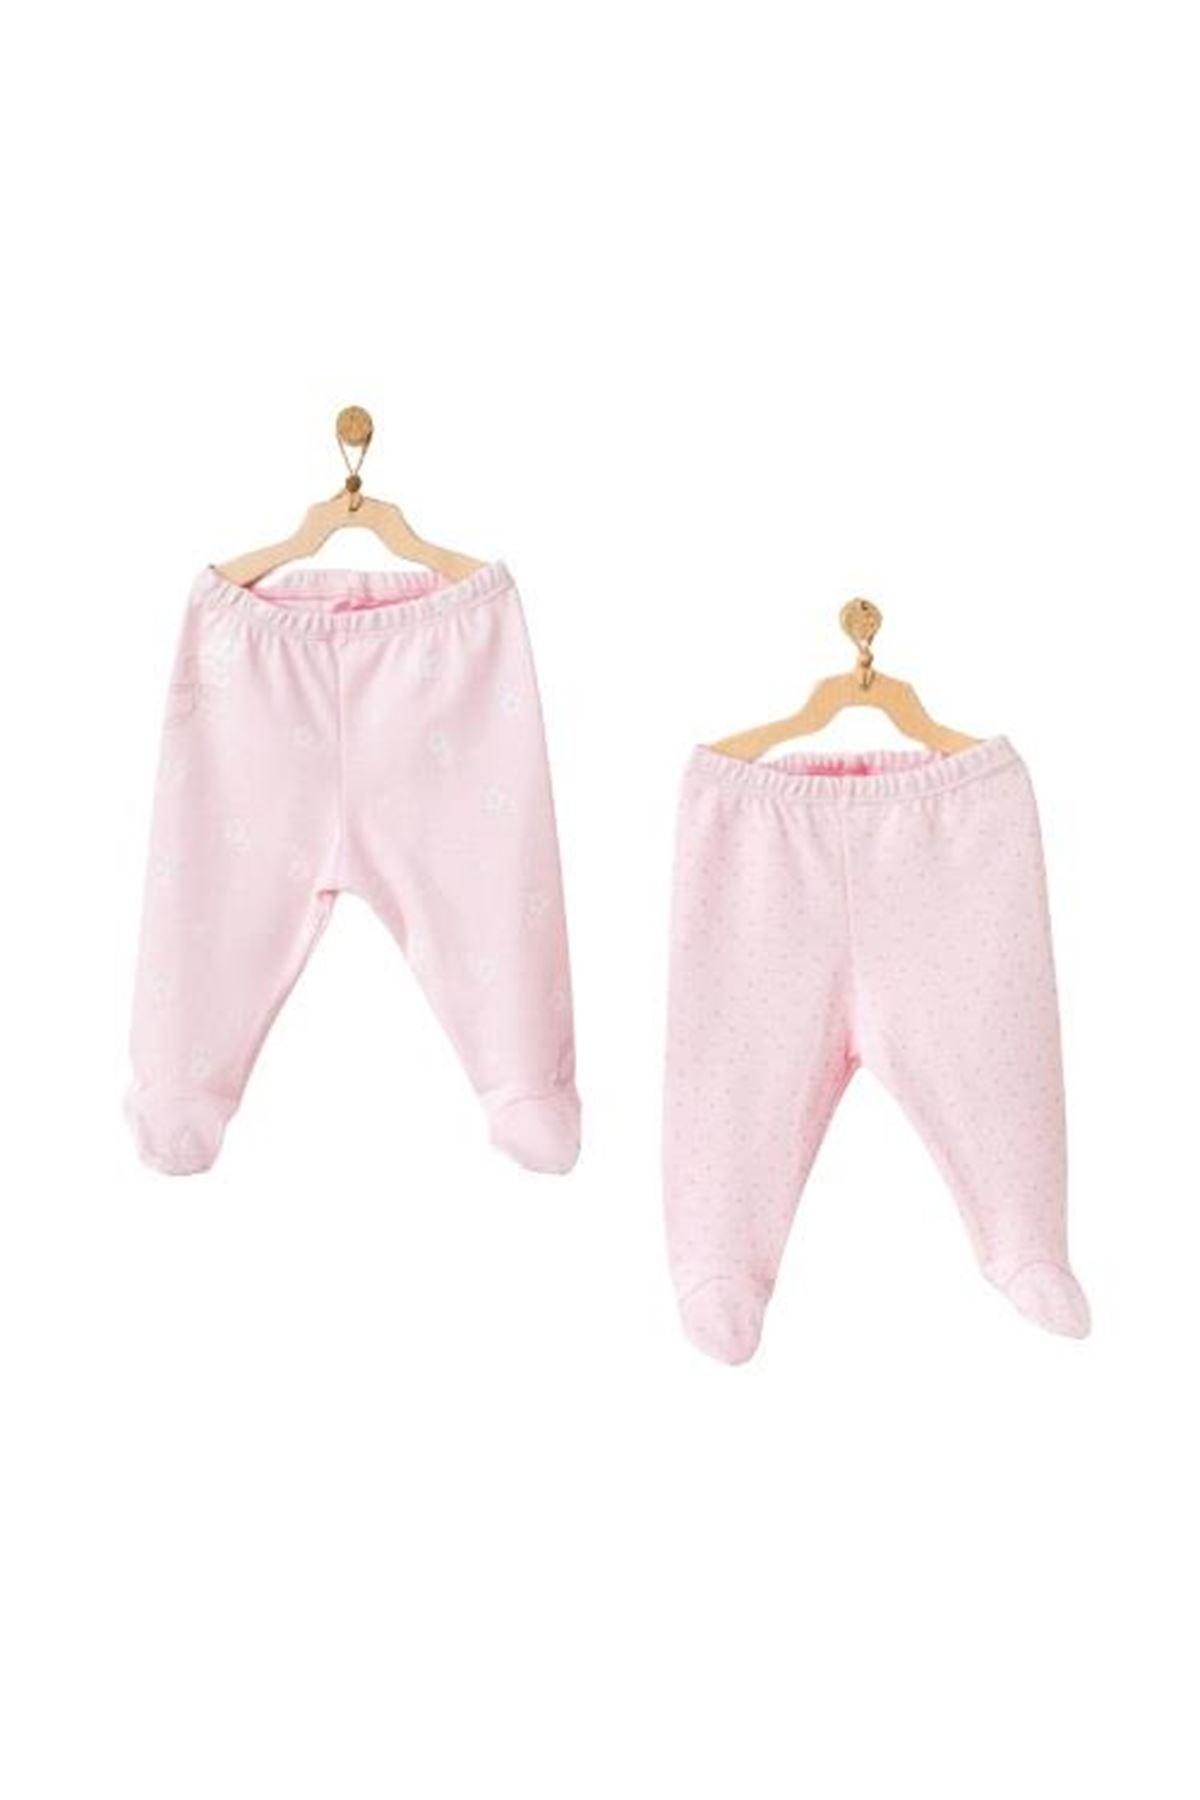 Andywawa AC21808 Milly Ballet 2li Patikli Pantolon Pink